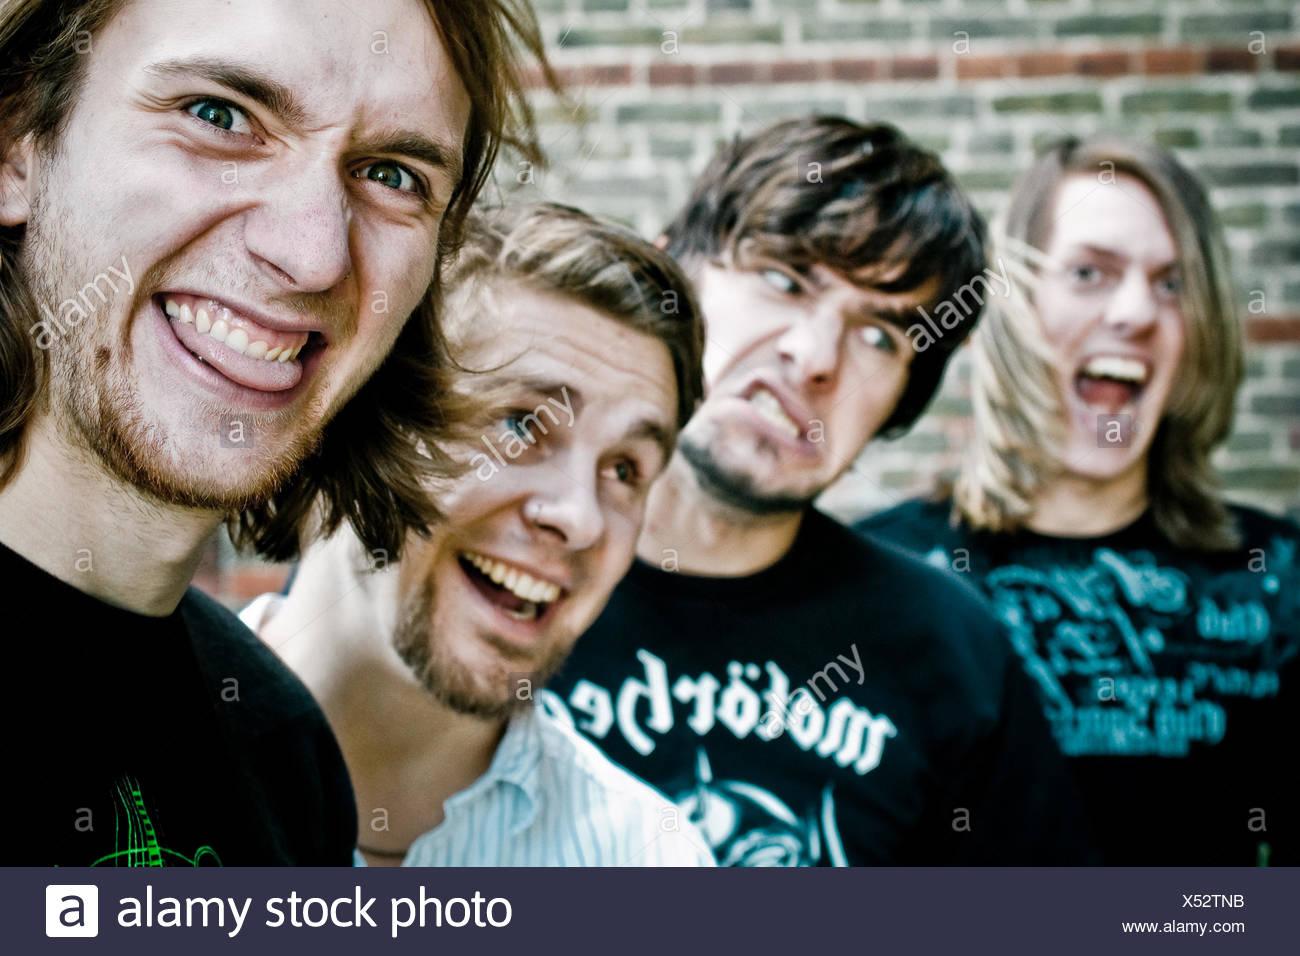 Freundschaft, Jugendkultur, Rocker, Musik-band Stockbild